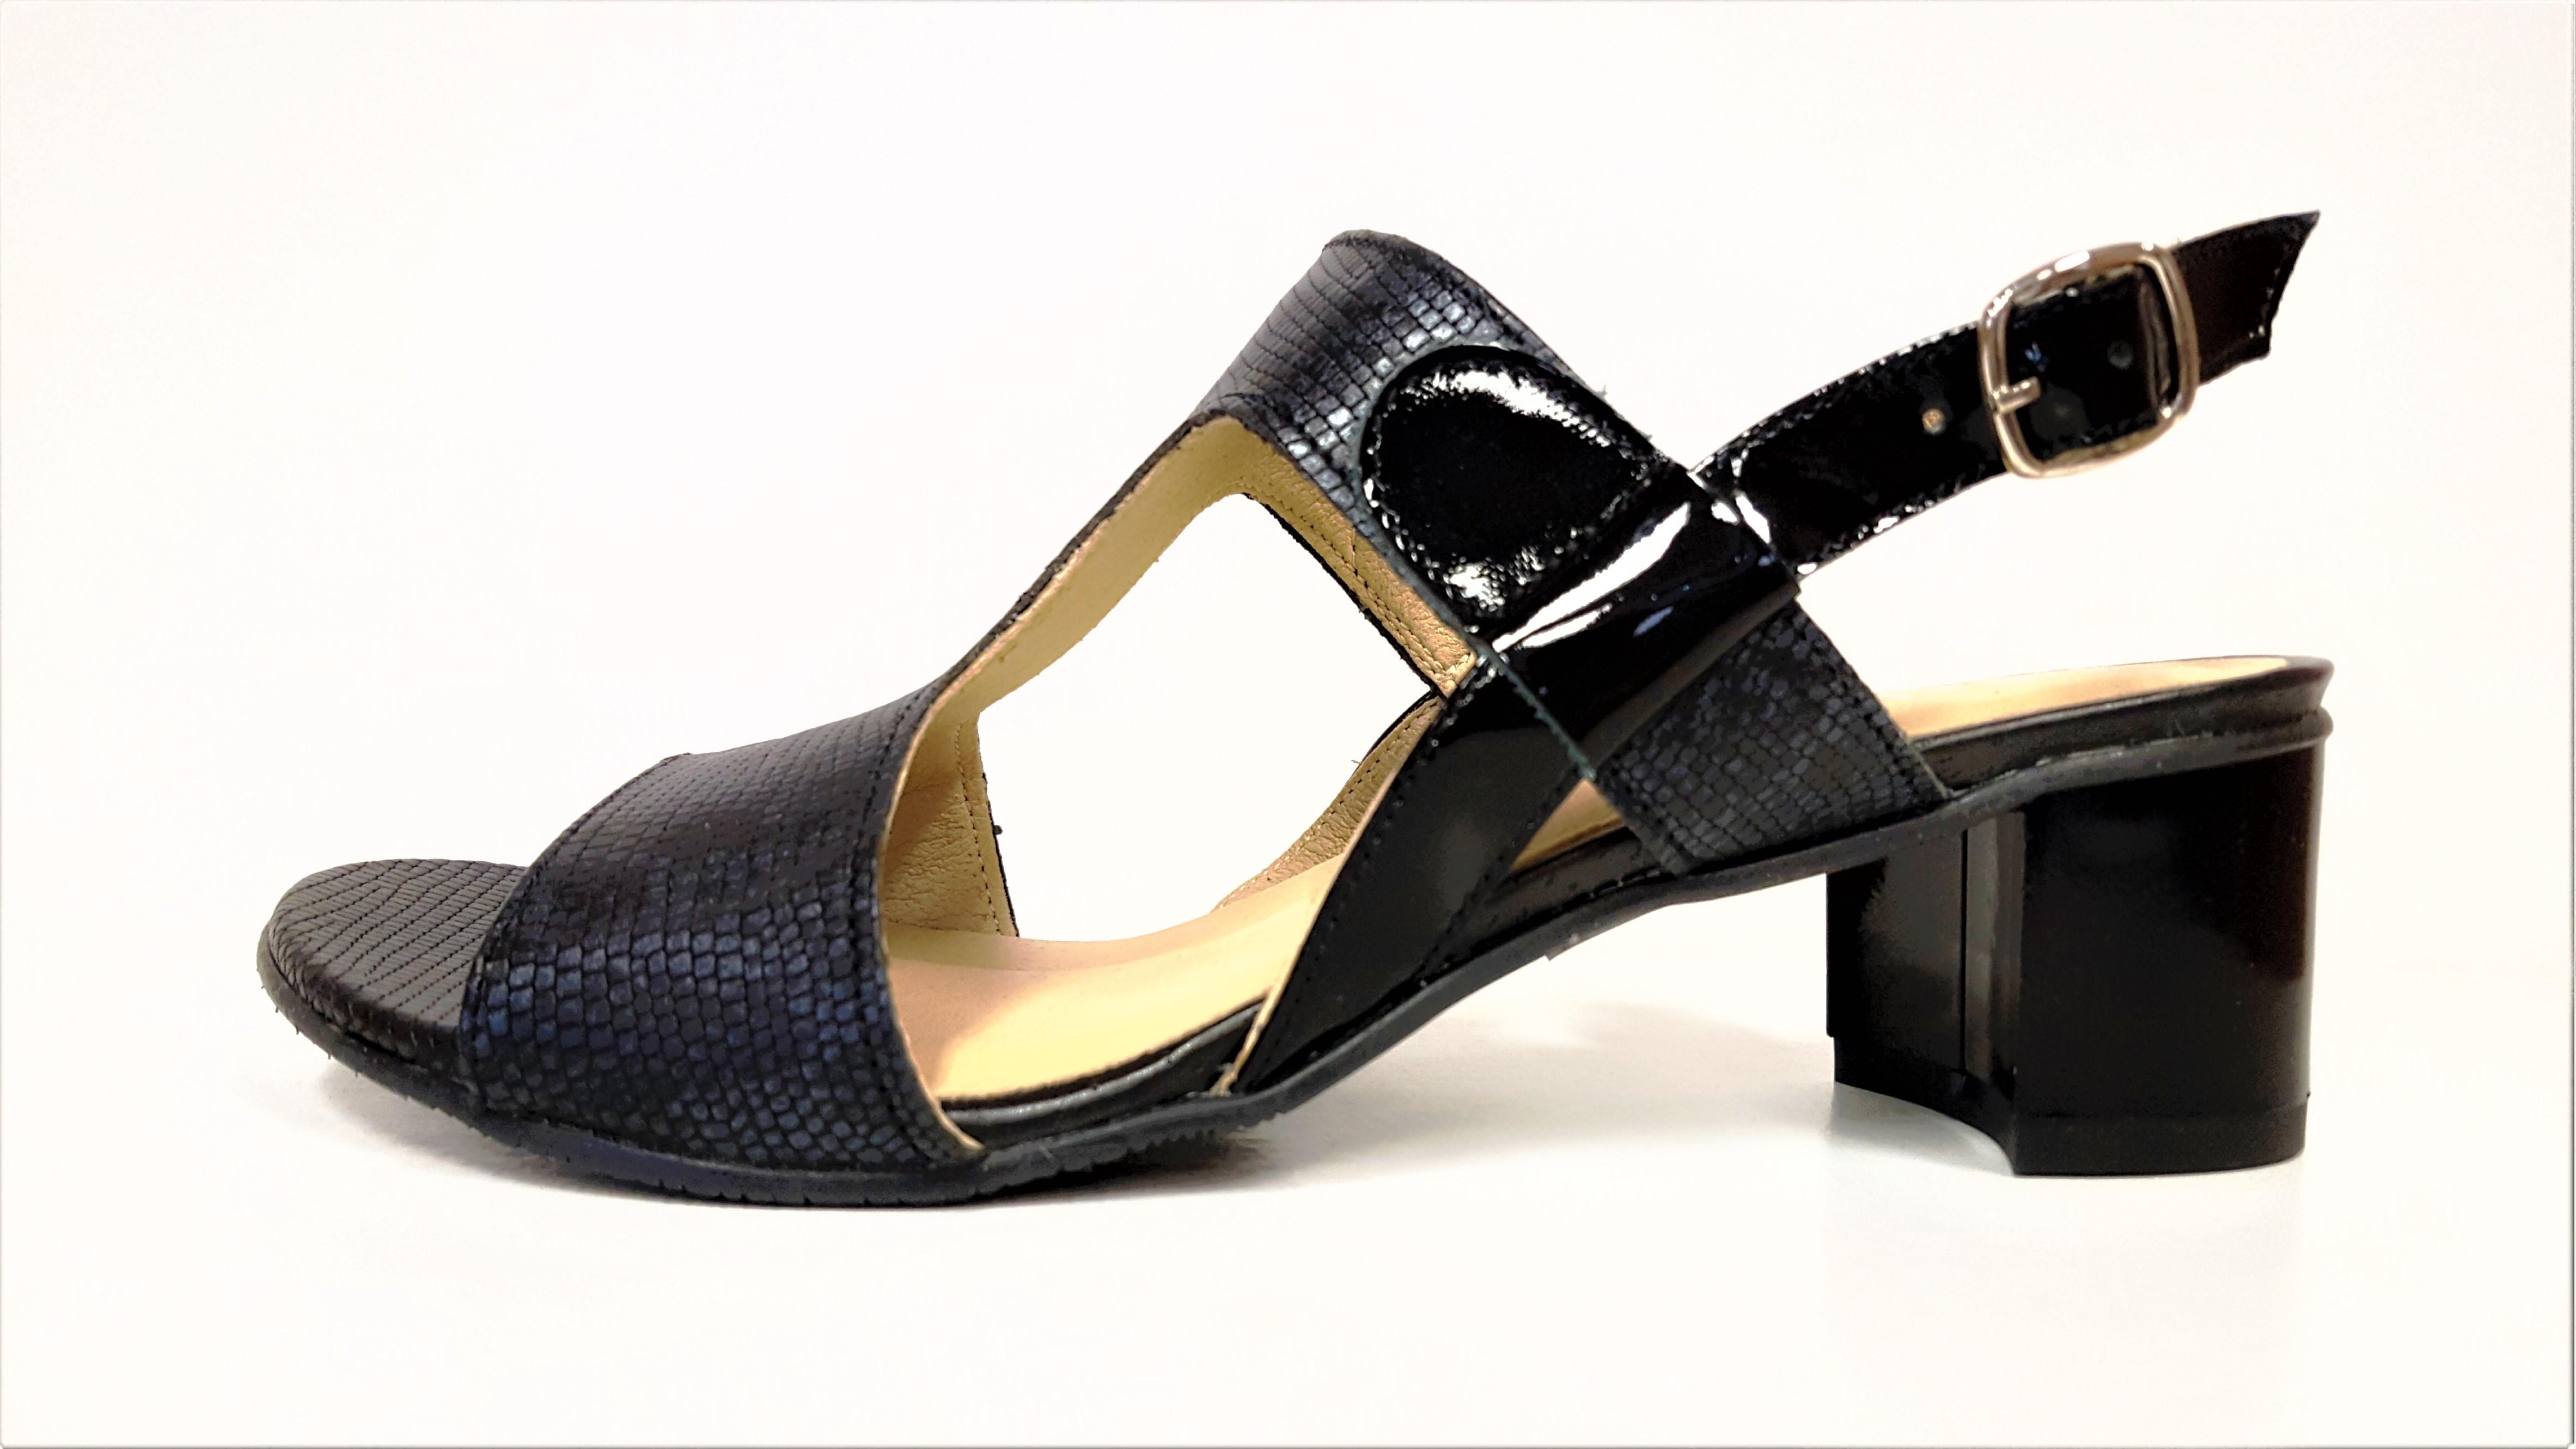 768c00481 KOŽENÉ SANDÁLY - Dámské kožené tmavě modré letní páskové lodičky boty  sandálky na podpatku VENETTI 1168